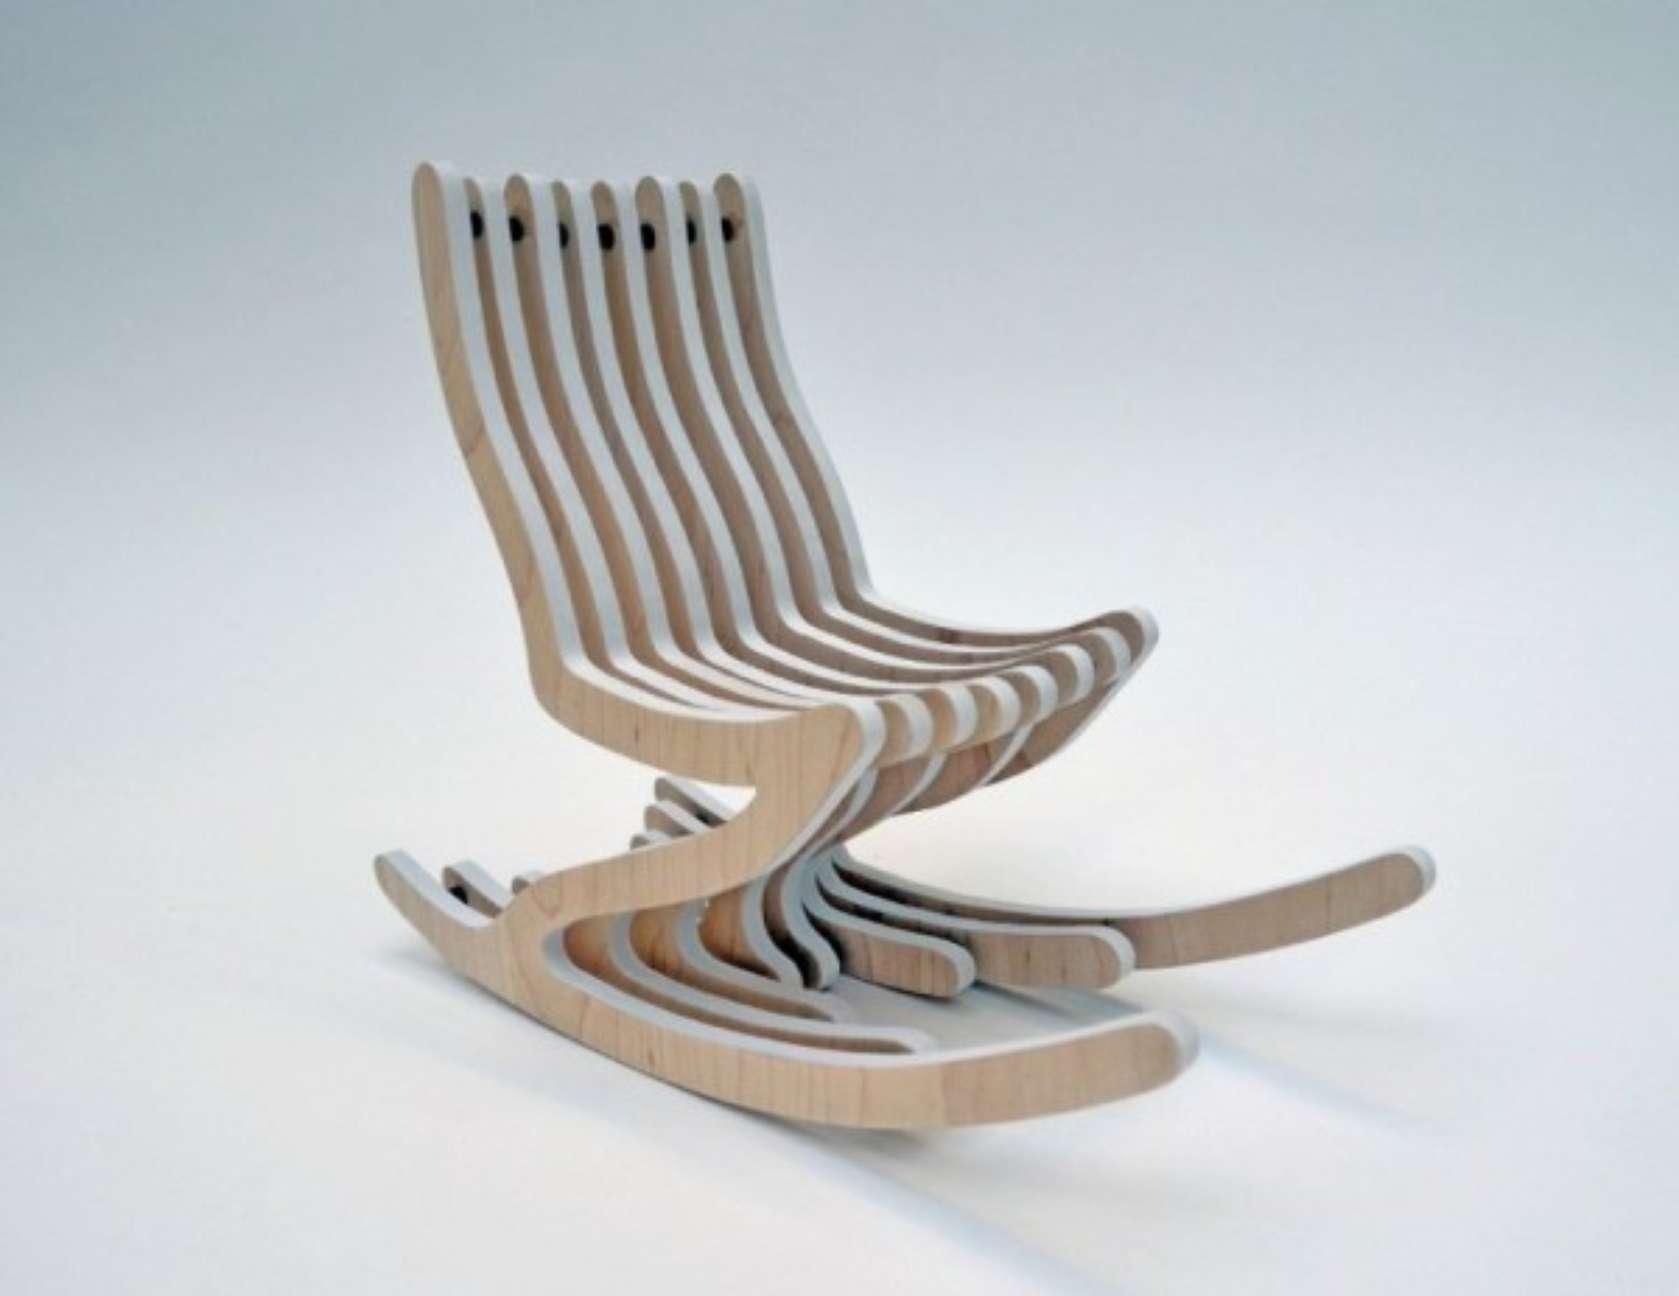 Кресло качалка своими руками. чертежи, 188 фото, размеры